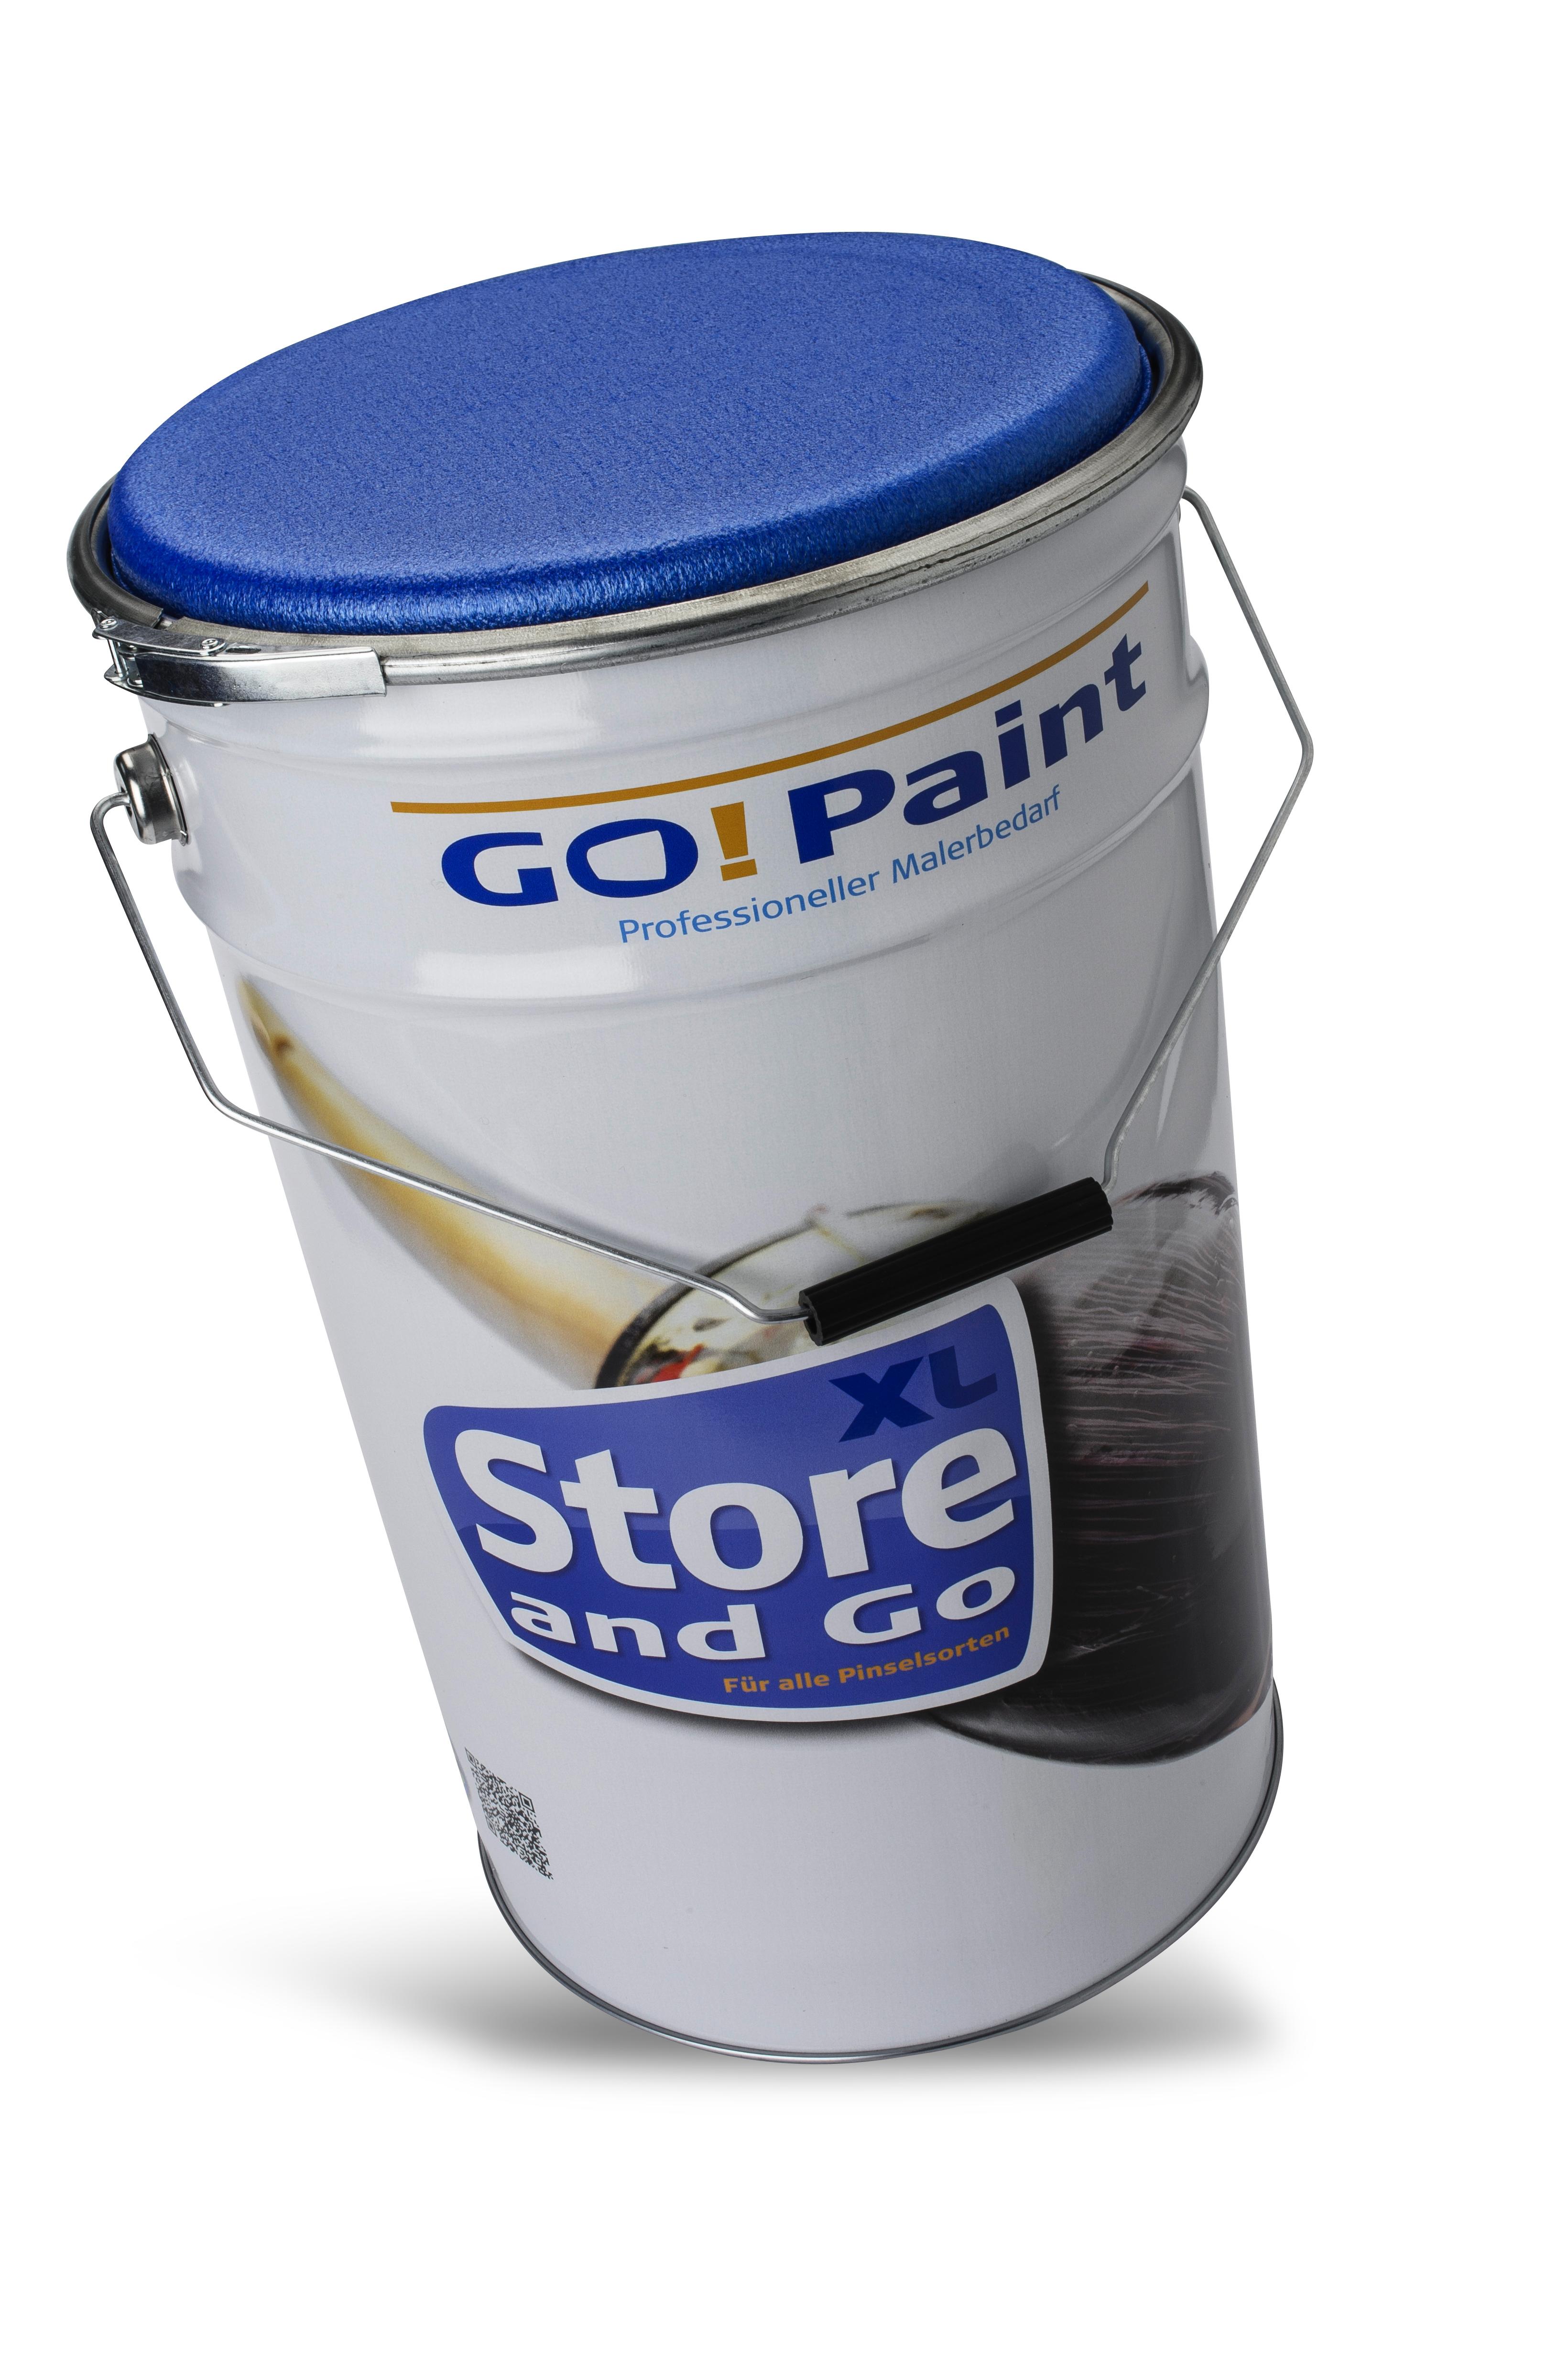 Store and Go XL Pajarito